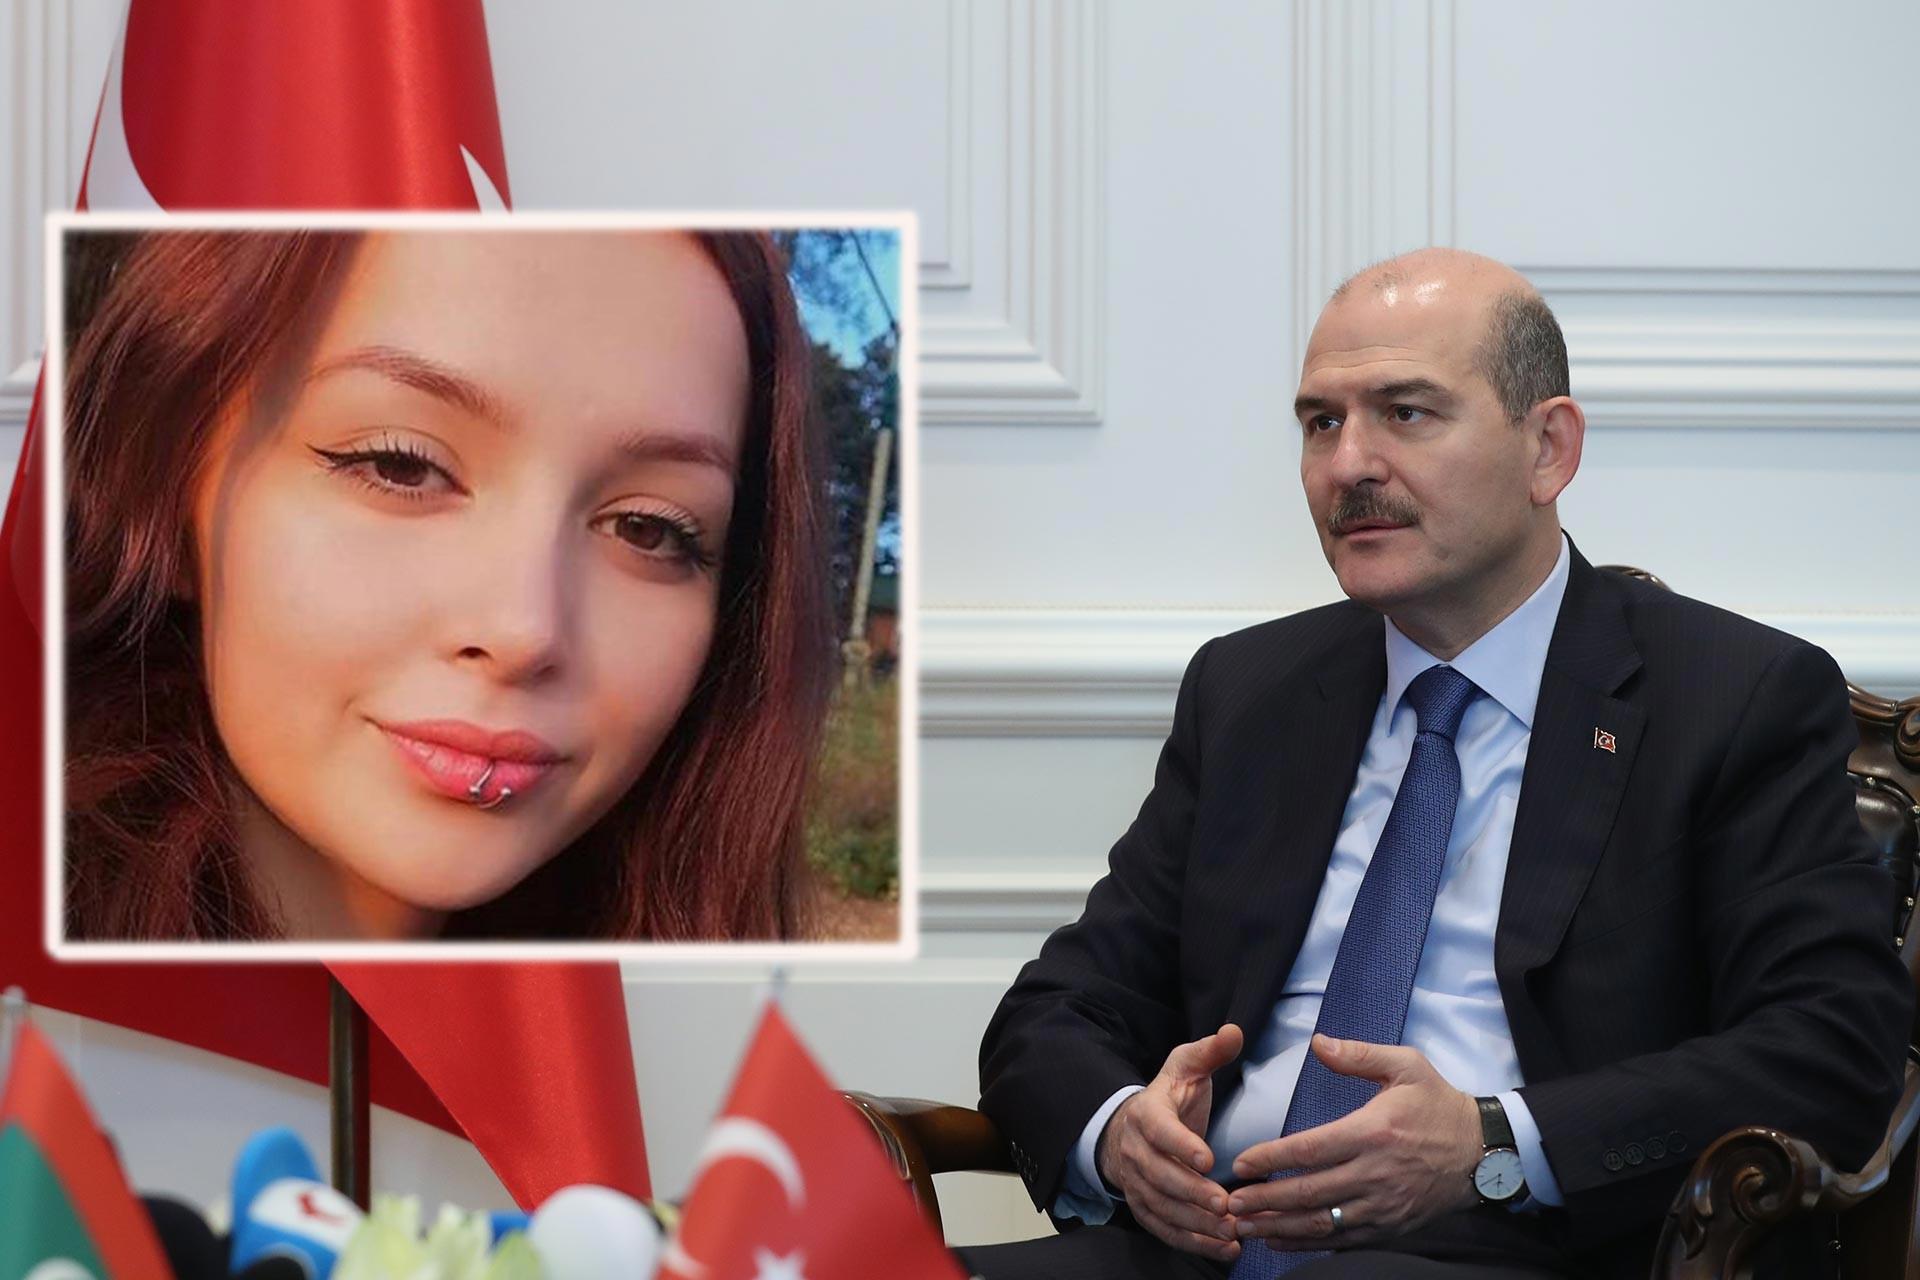 Ordu'da öldürülen Ceren Özdemir ve İçişleri Bakanı Süleyman Soylu